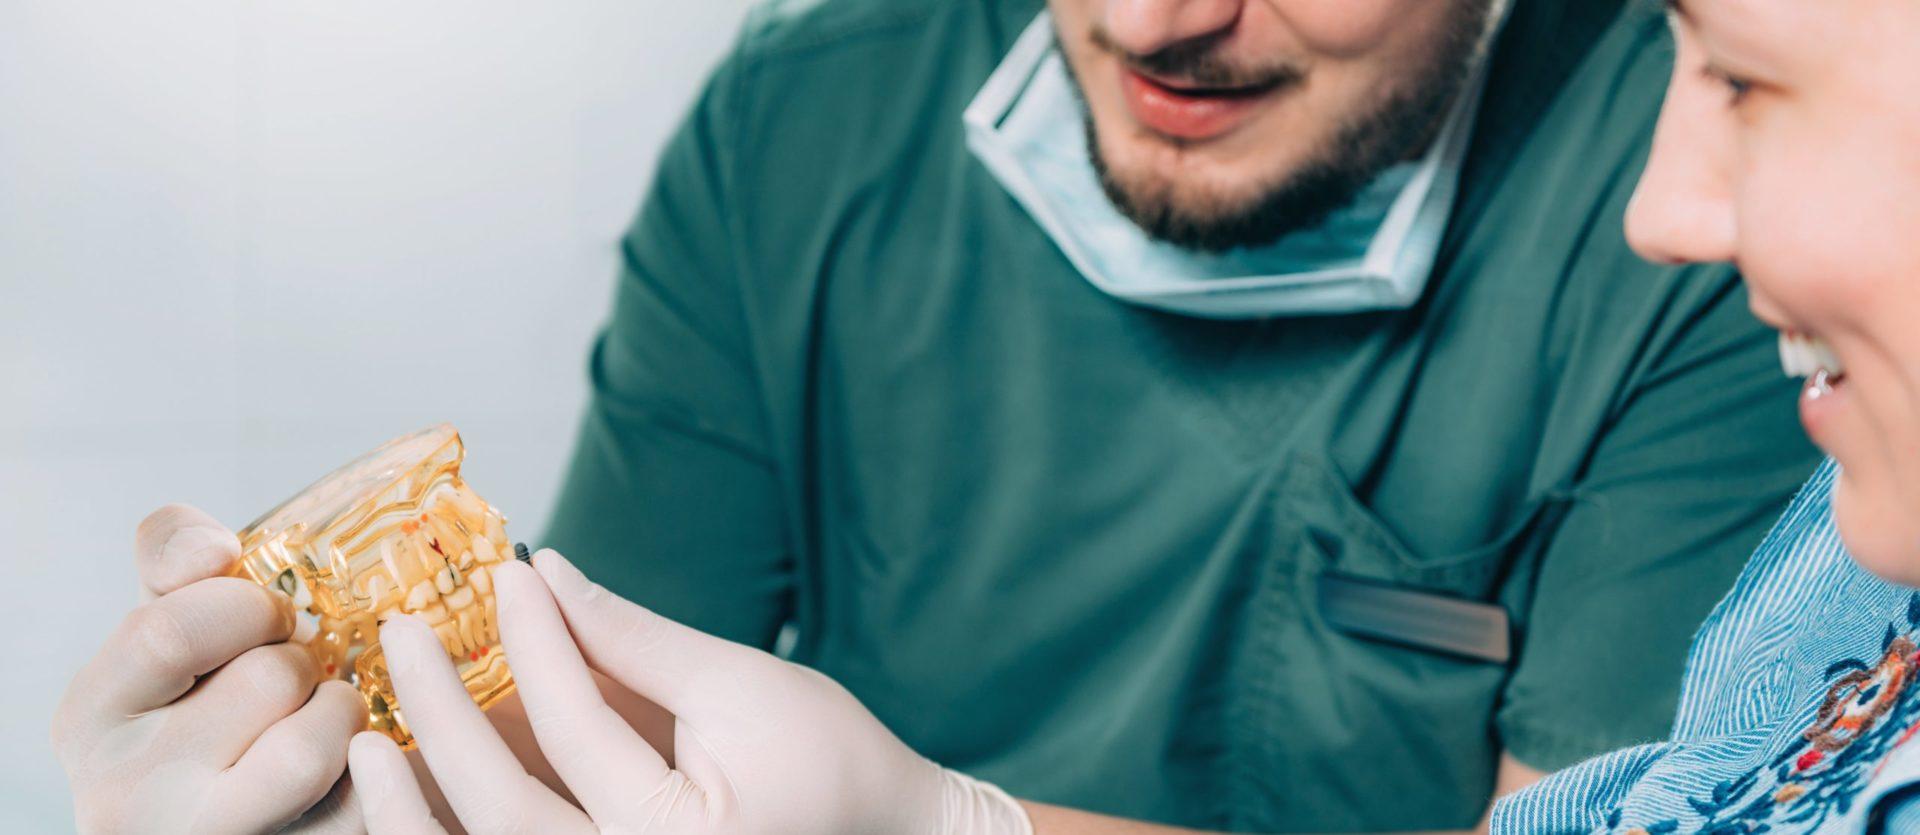 dentista explicando procedimiento de rehabilitación oral